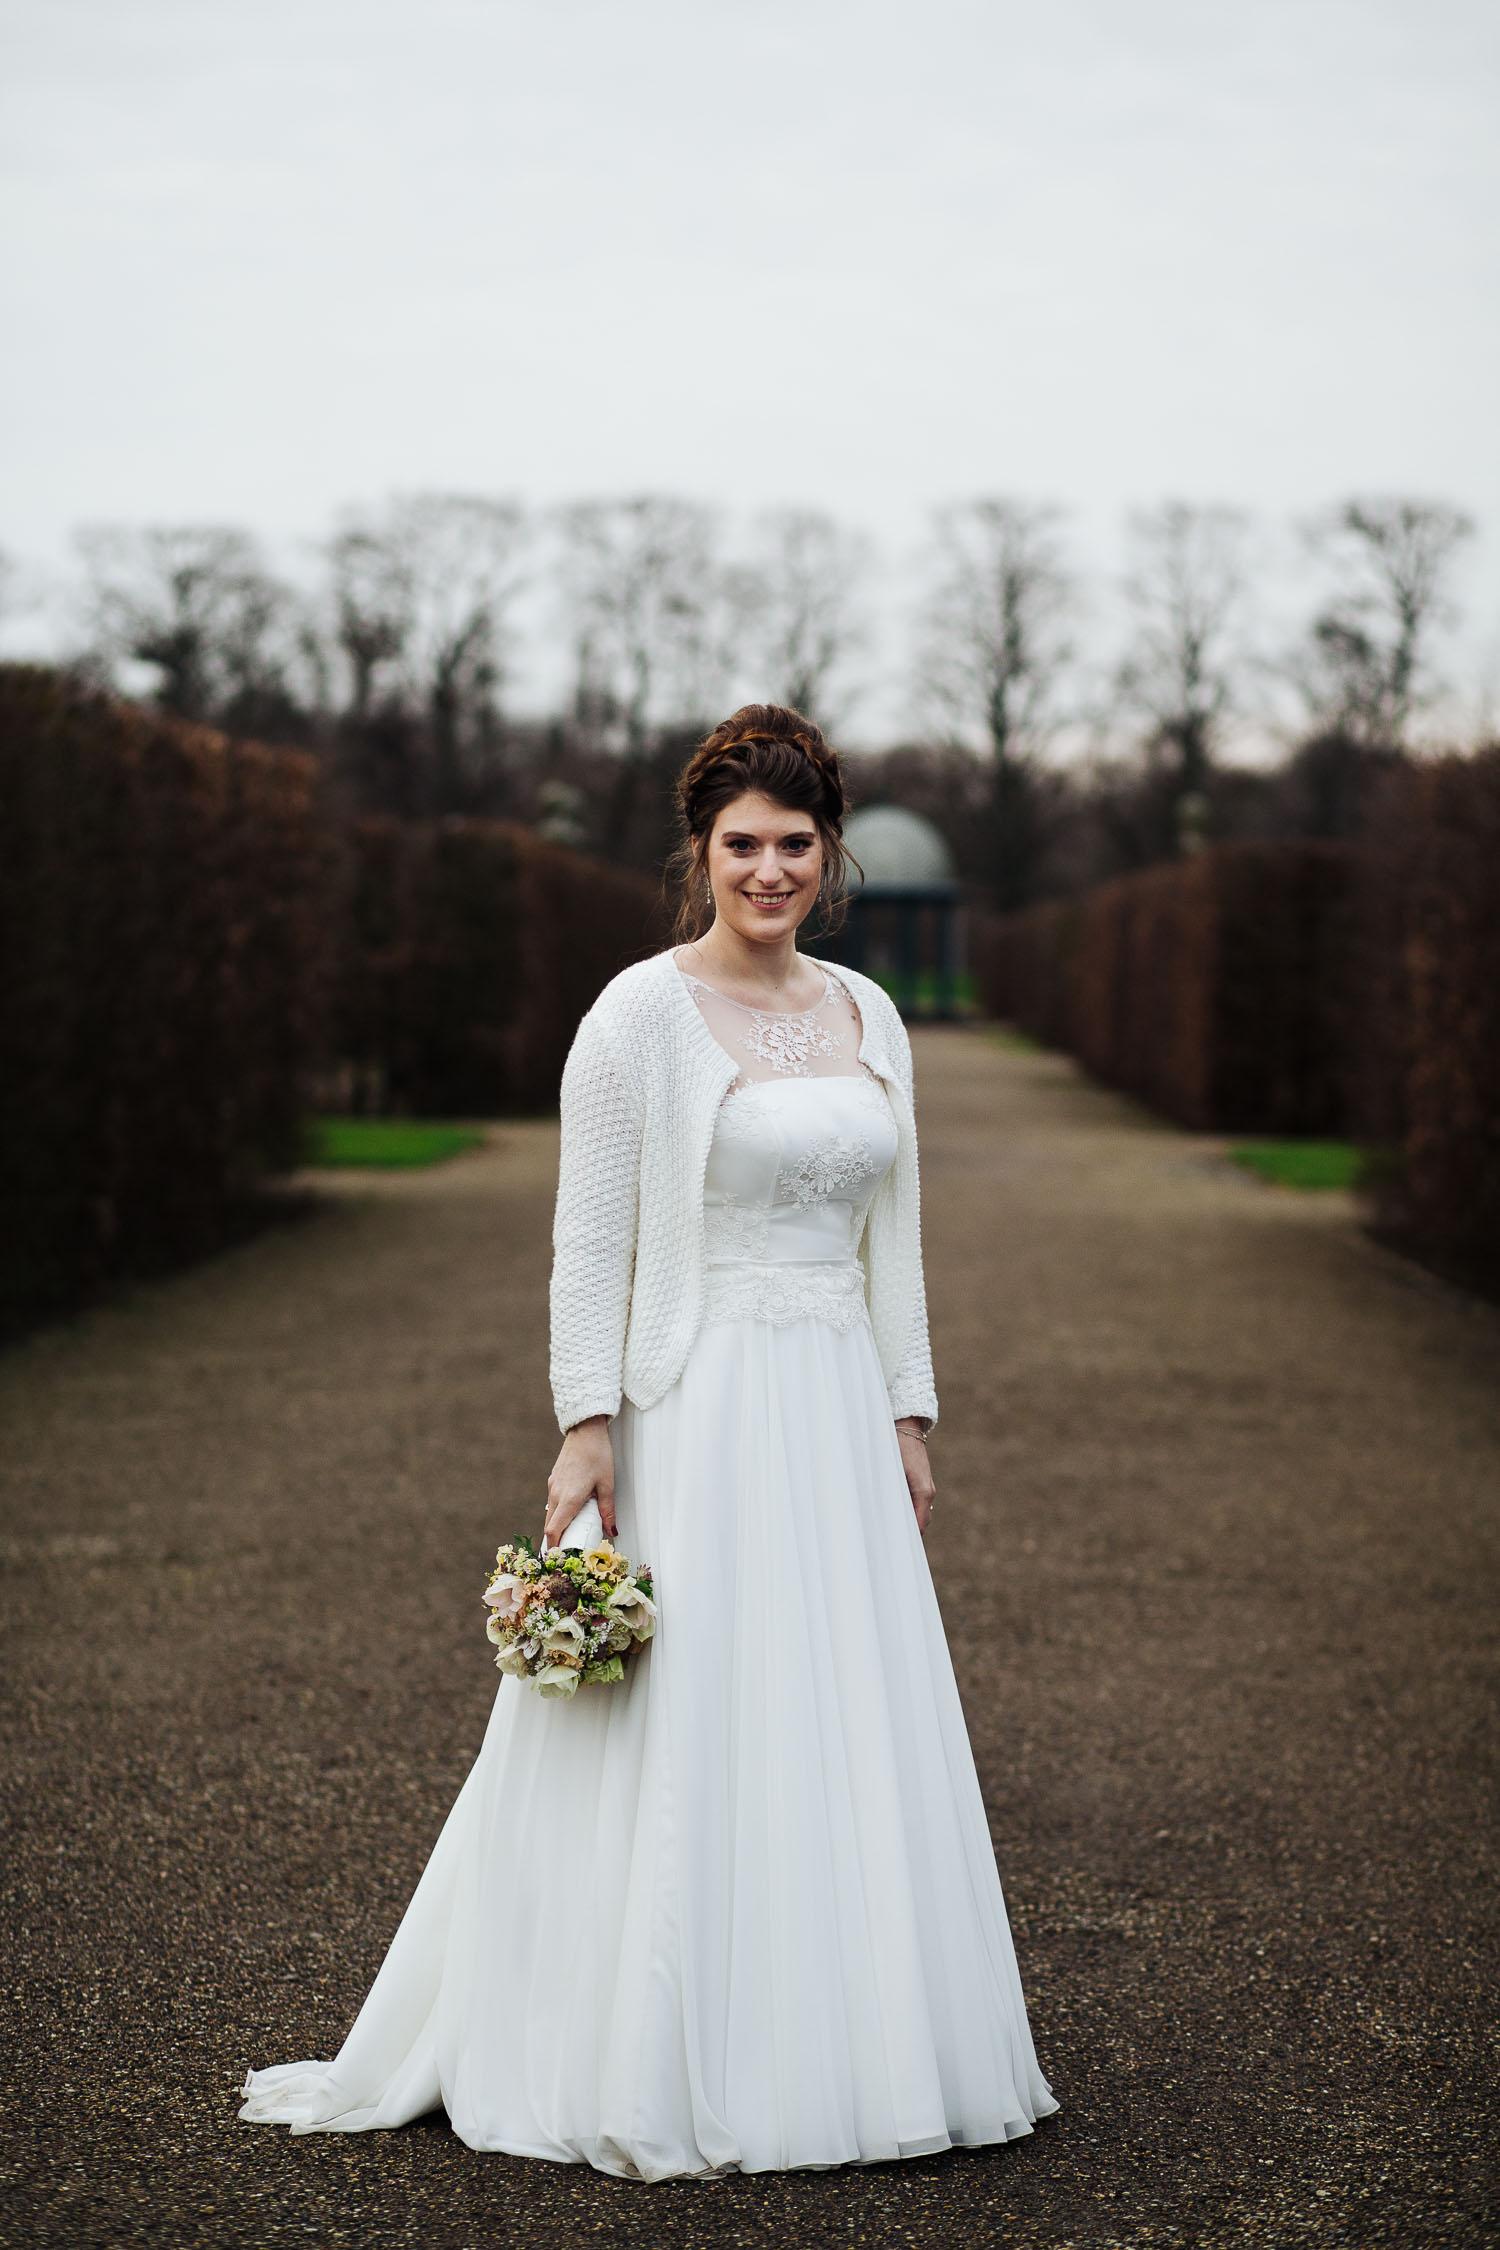 Hochzeitsfotografie-Hannover-Hochzeitsfotograf-m-fotografiert-Fotografie-Hochzeit-57-2 Marie & Elias Hochzeitreportage